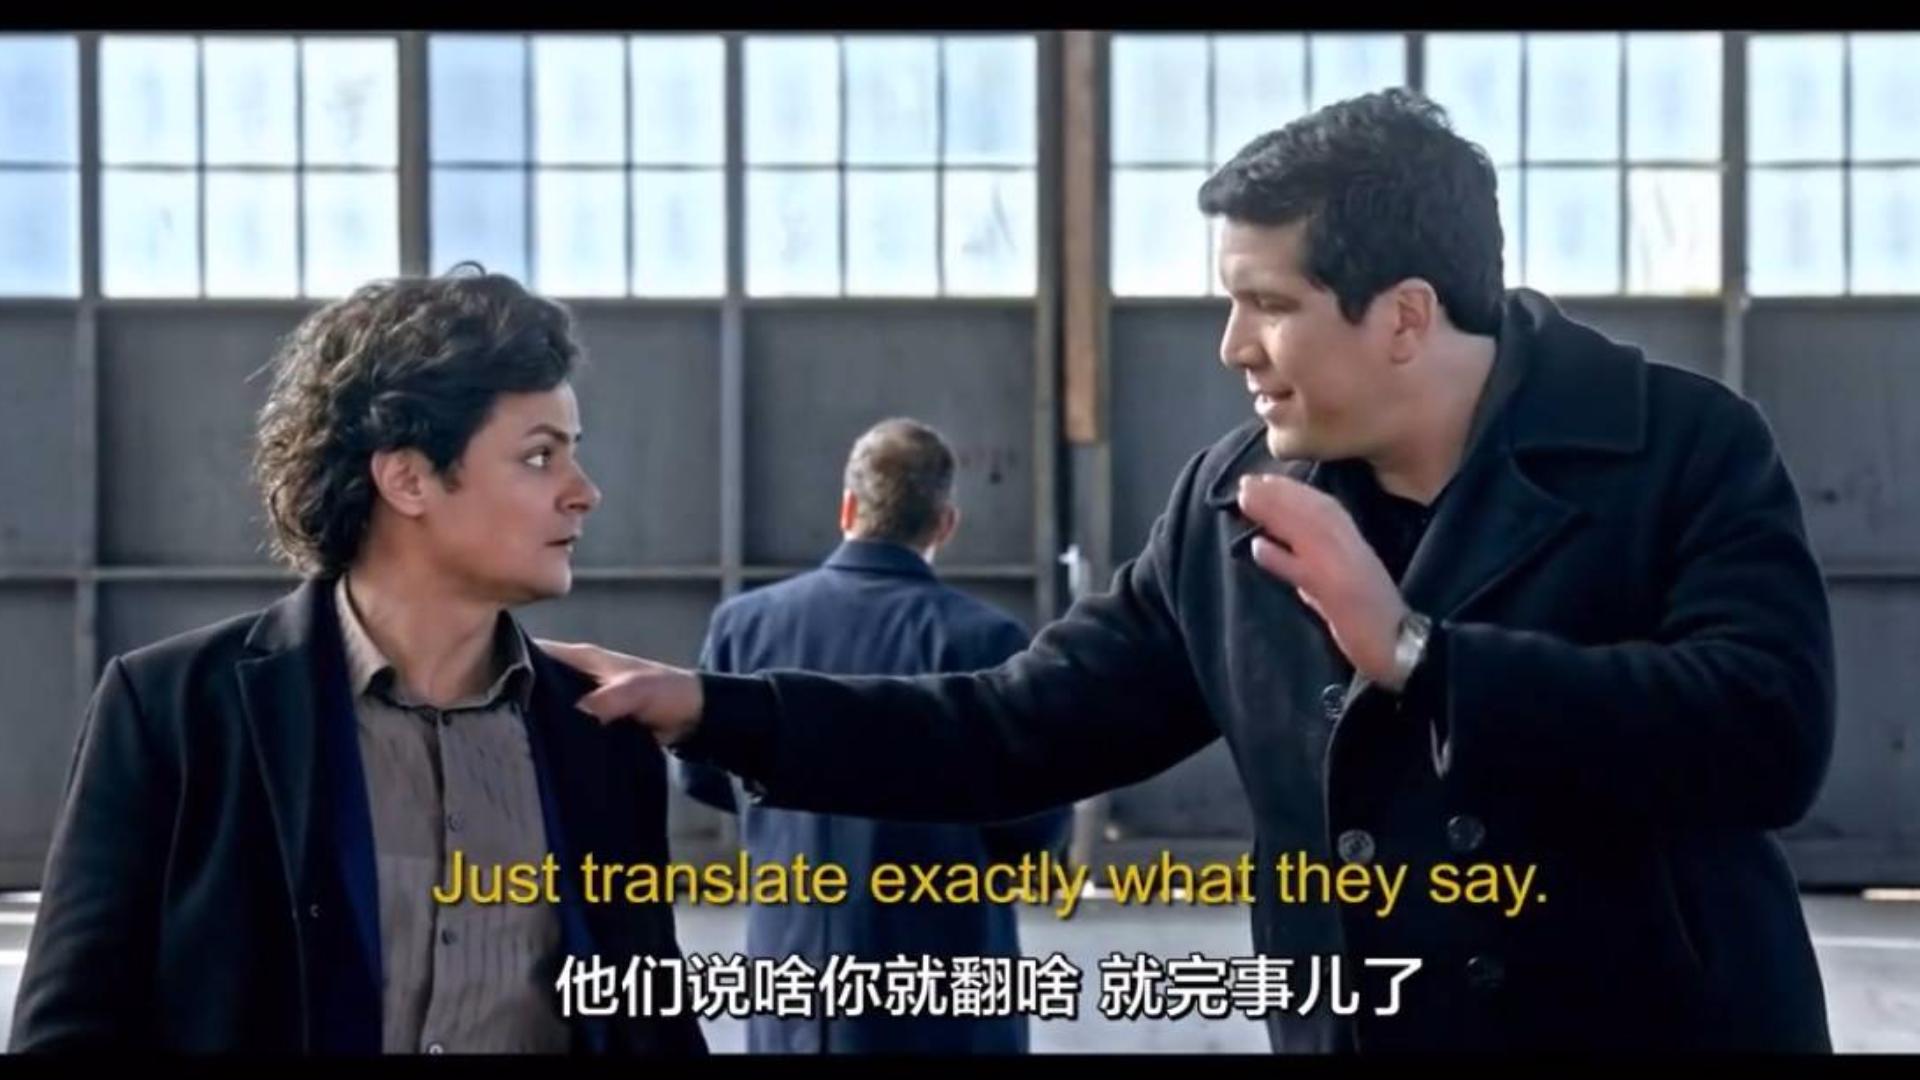 【爆笑短片集】沙 雕 传 话 的 艺 术 !